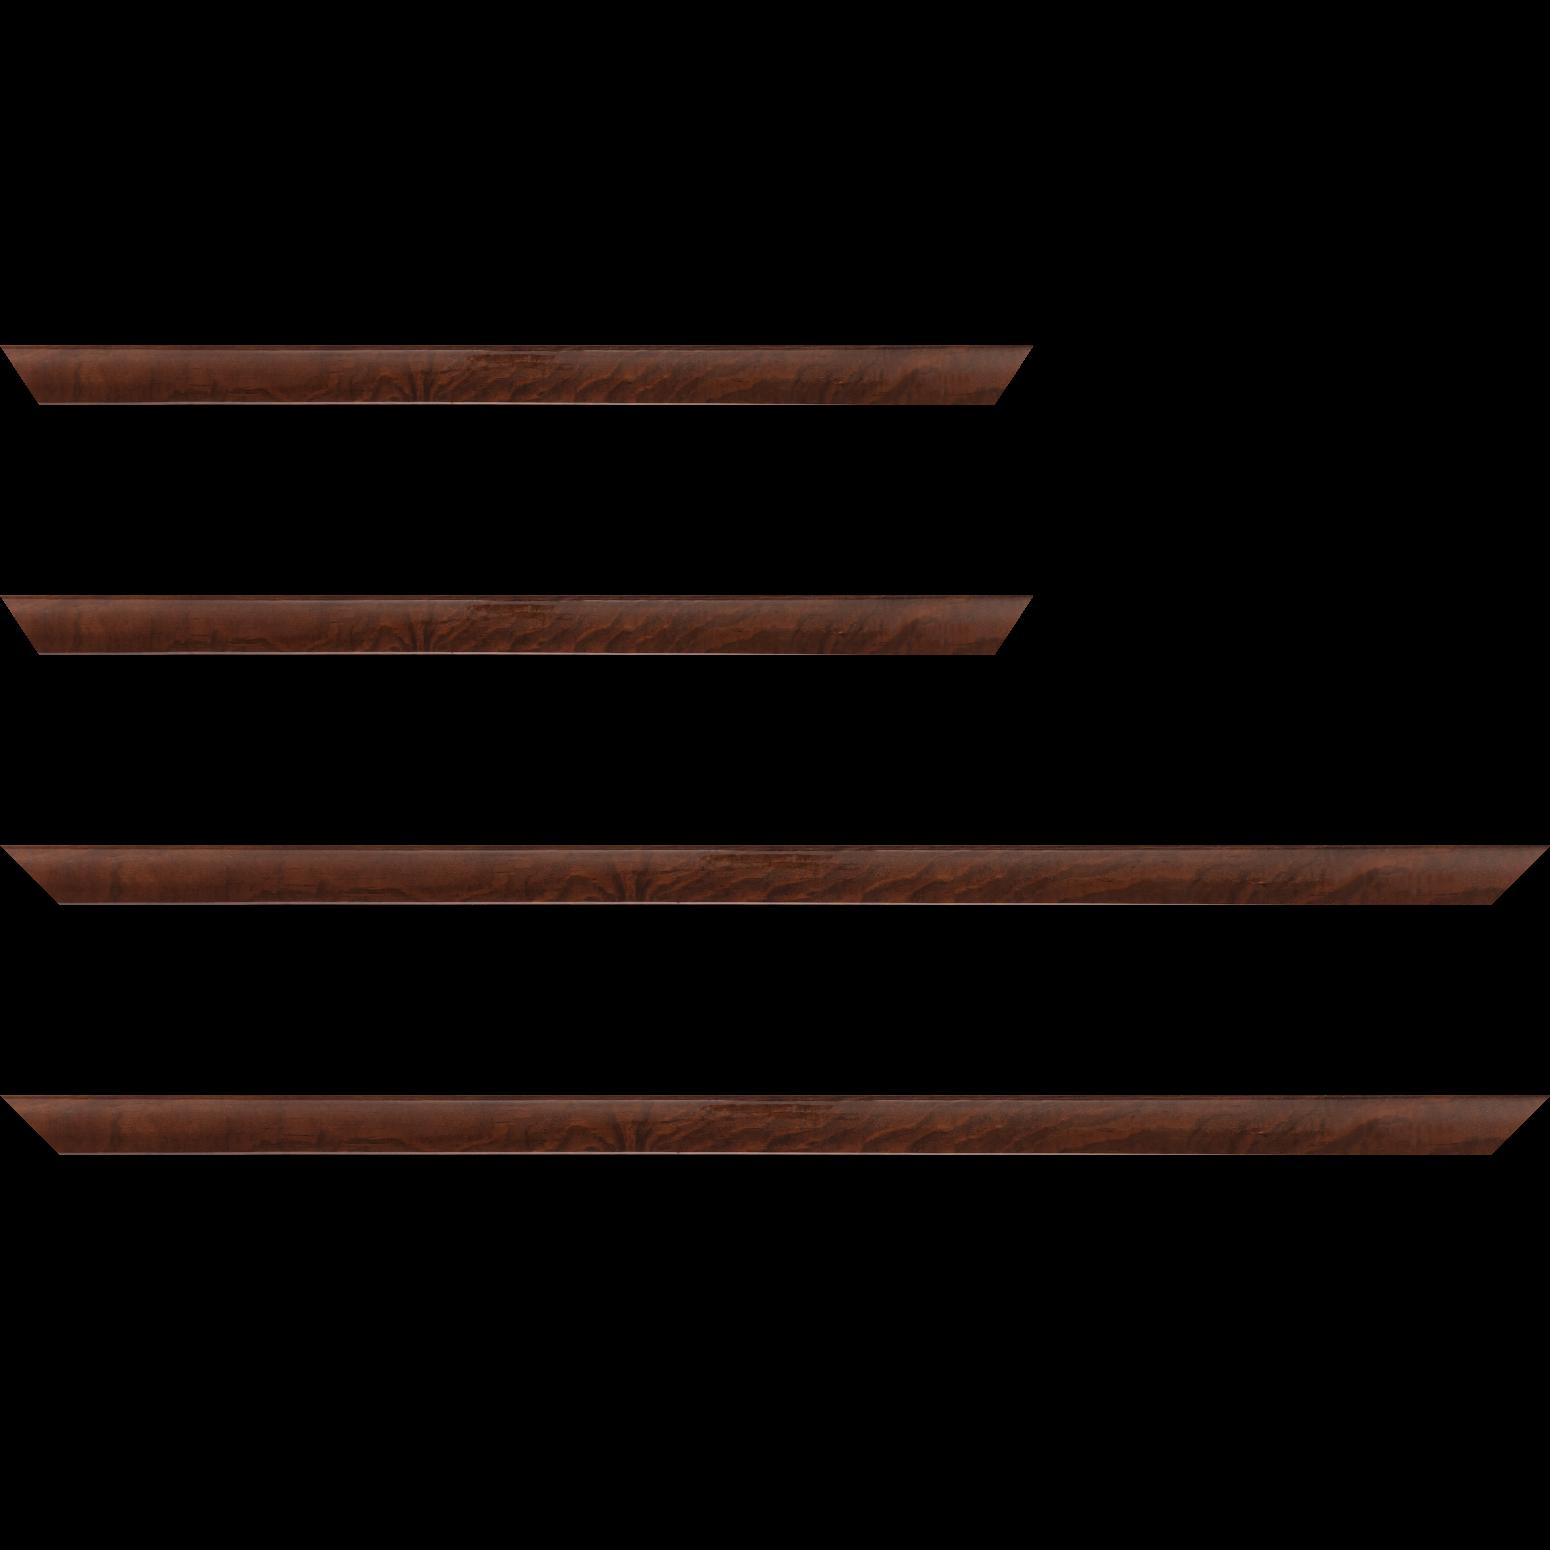 Baguette service précoupé Bois profil arrondi plongeant largeur 2cm couleur marron vernis sur pin (veine du bois apparent)